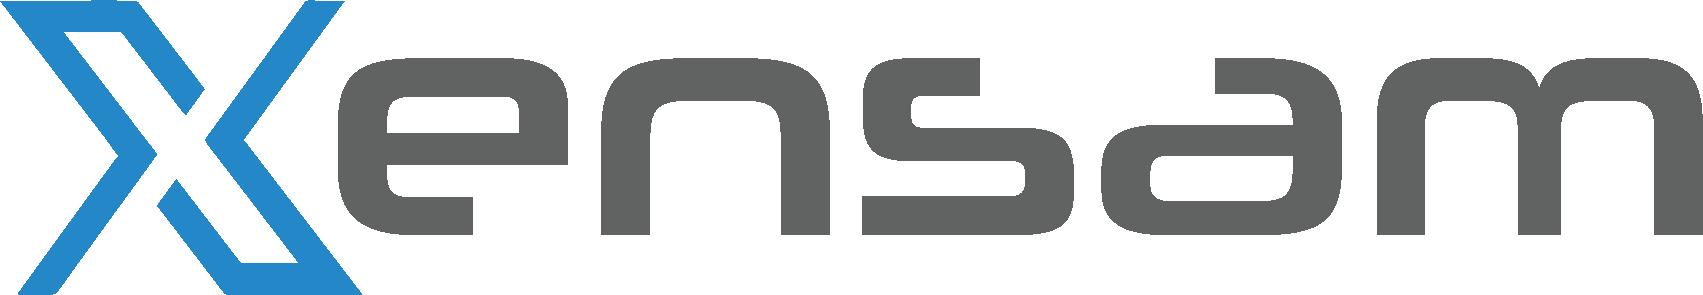 Xupervisor logo